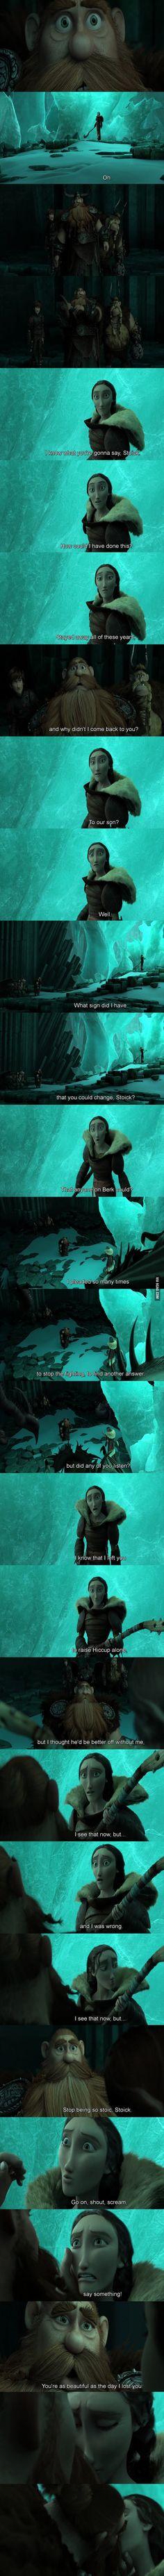 Cette scène.... Je pleure à chaque fois..